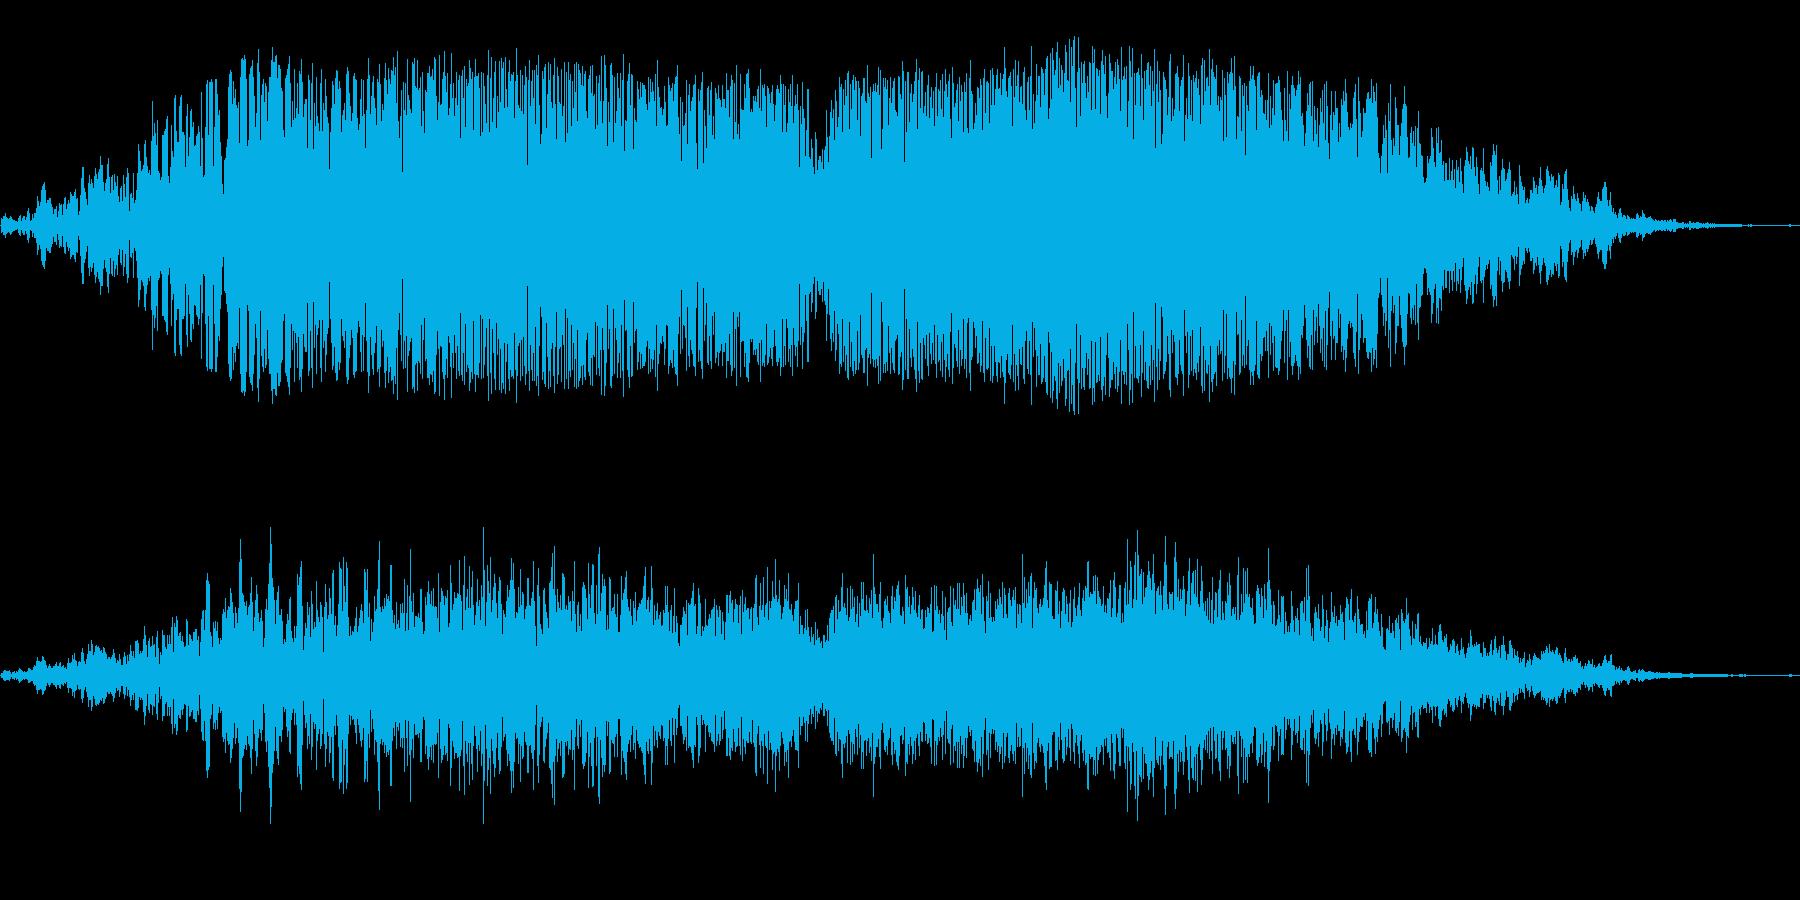 ゴゴゴ(巨大宇宙船通過)の再生済みの波形